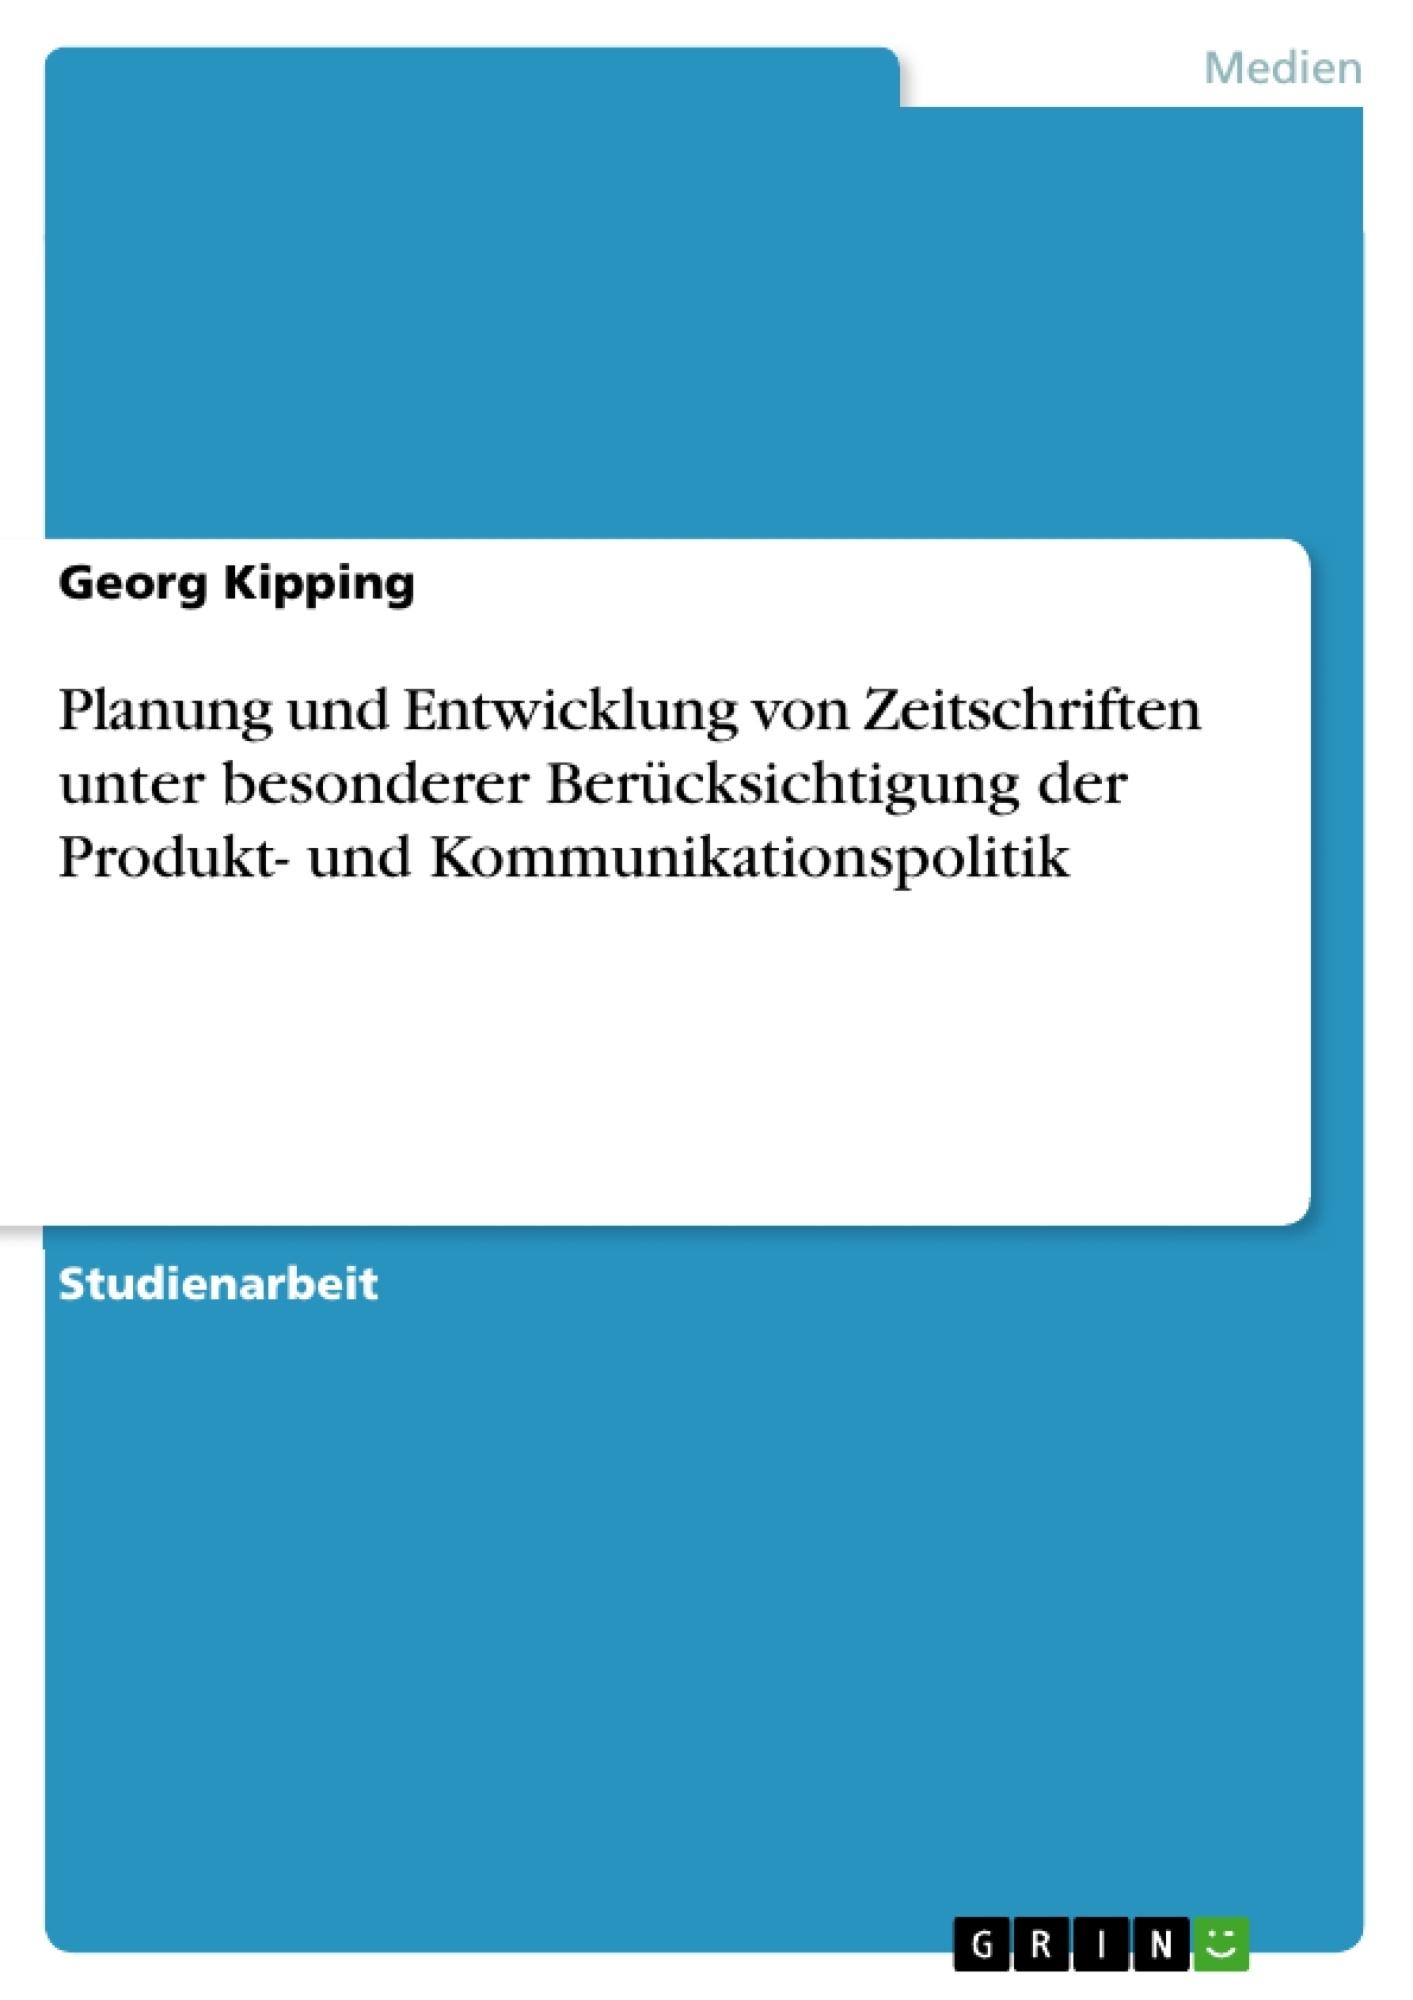 Titel: Planung und Entwicklung von Zeitschriften unter besonderer Berücksichtigung der Produkt- und Kommunikationspolitik